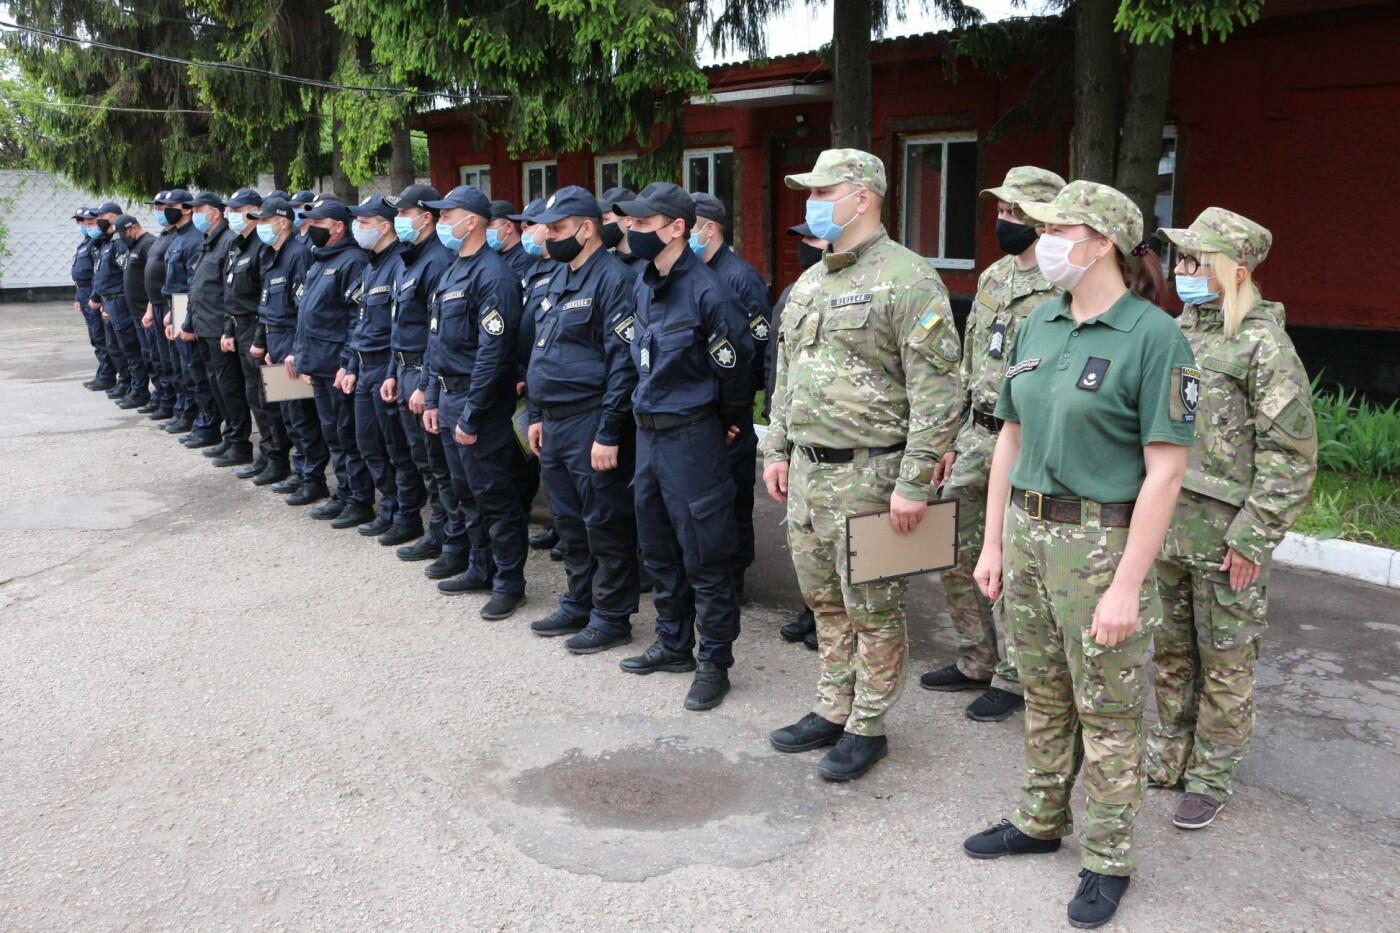 Керівник поліції Сумщини вручив бійцям спецпідрозділу «Суми» почесні відзнаки, фото-1